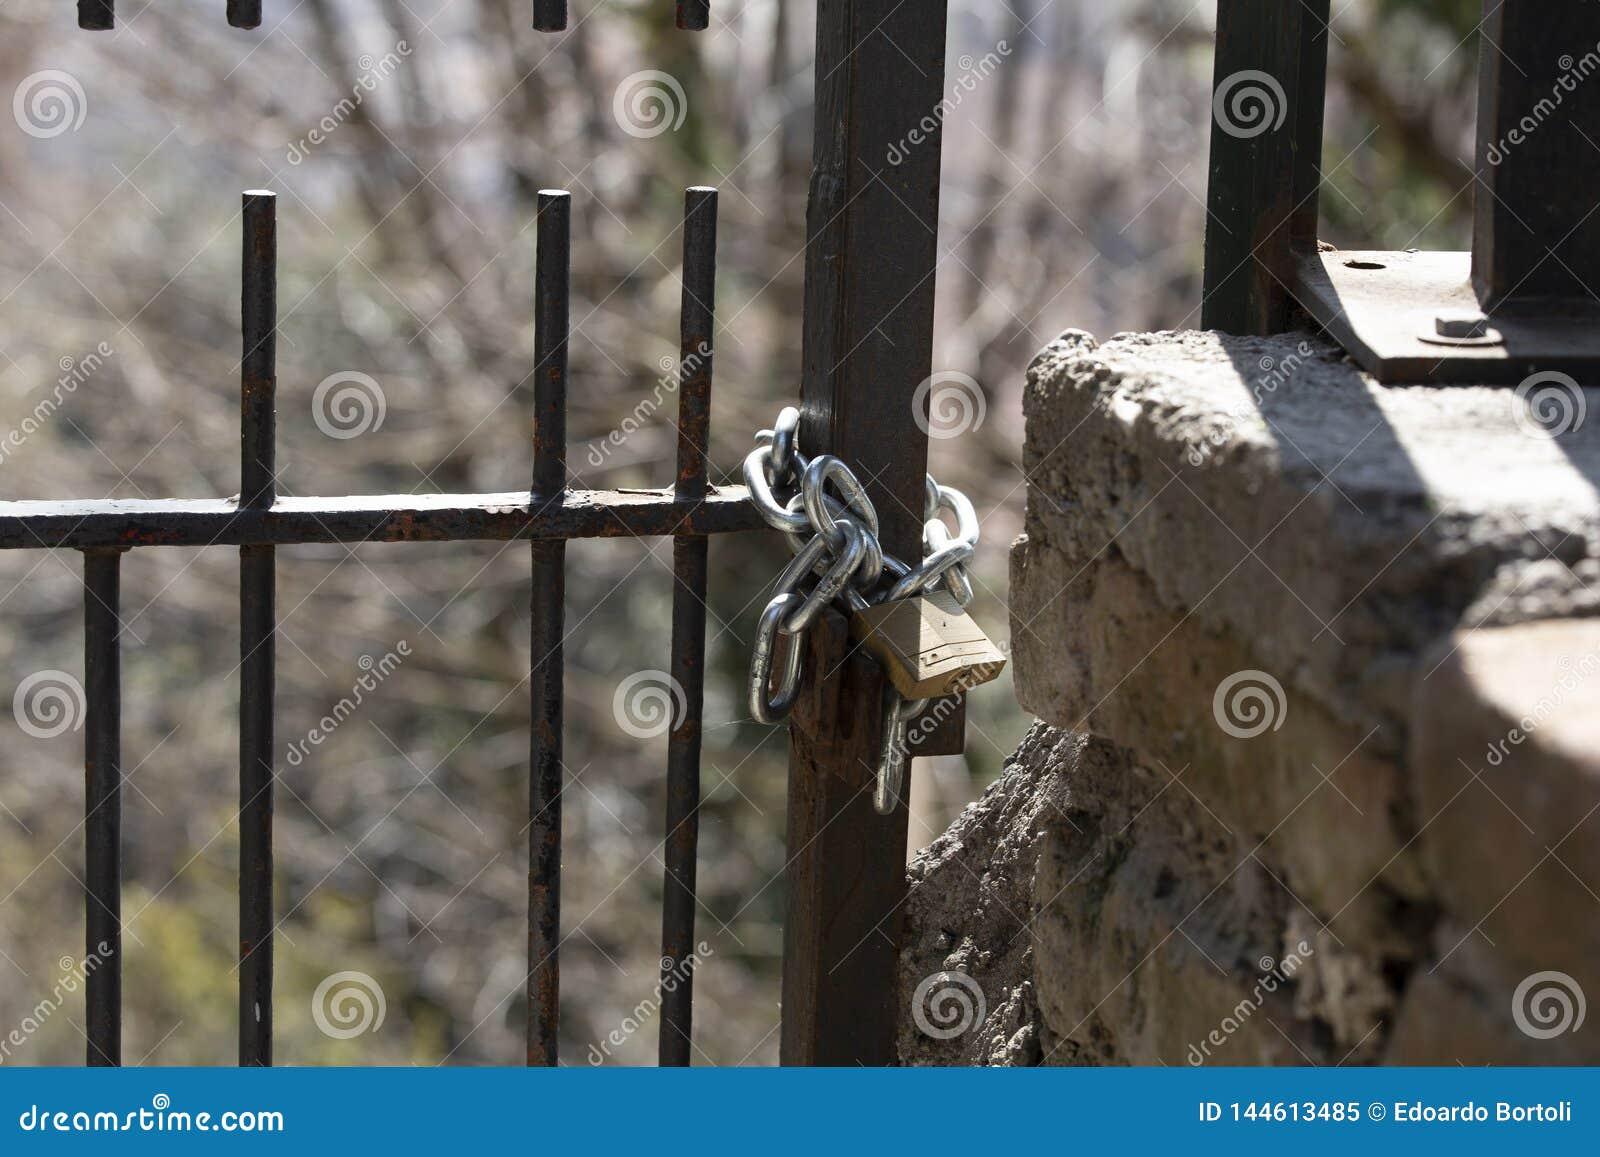 Cadeado fechado com corrente